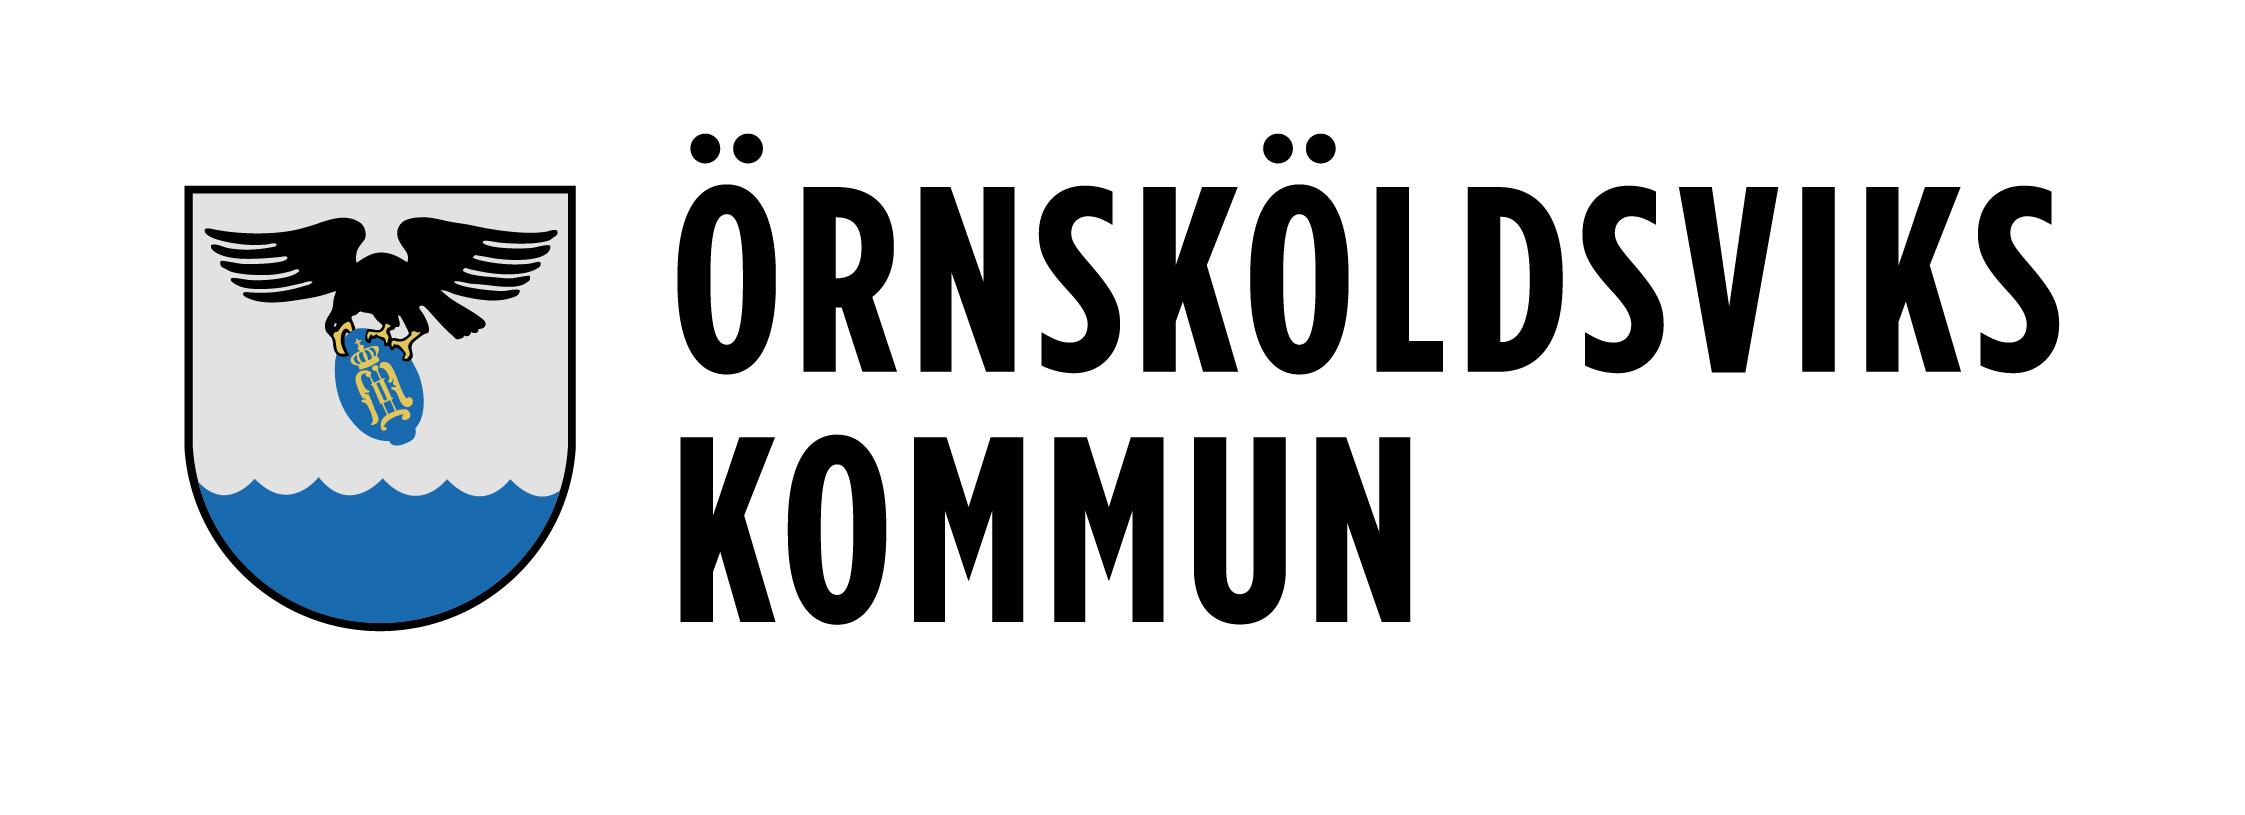 Bildresultat för örnsköldsvik kommun logotyp